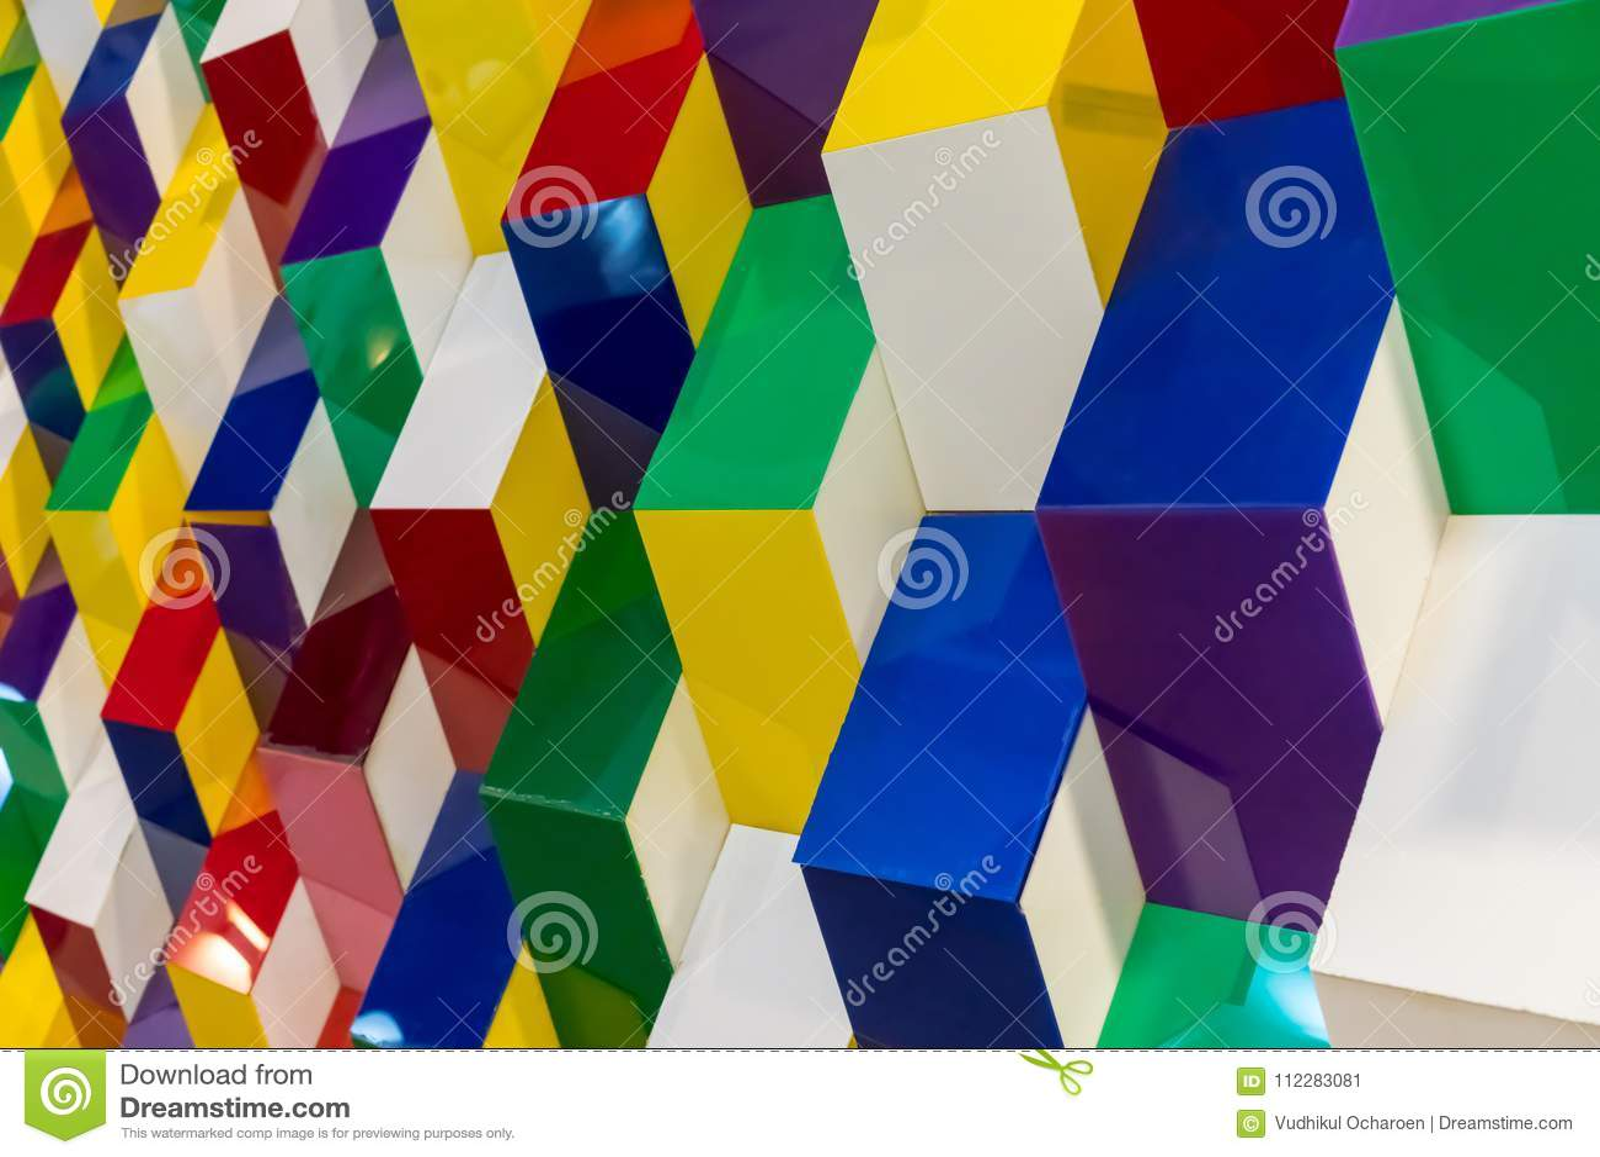 Teste padrão acrílico colorido da estrutura que cria w geométrico abstrato